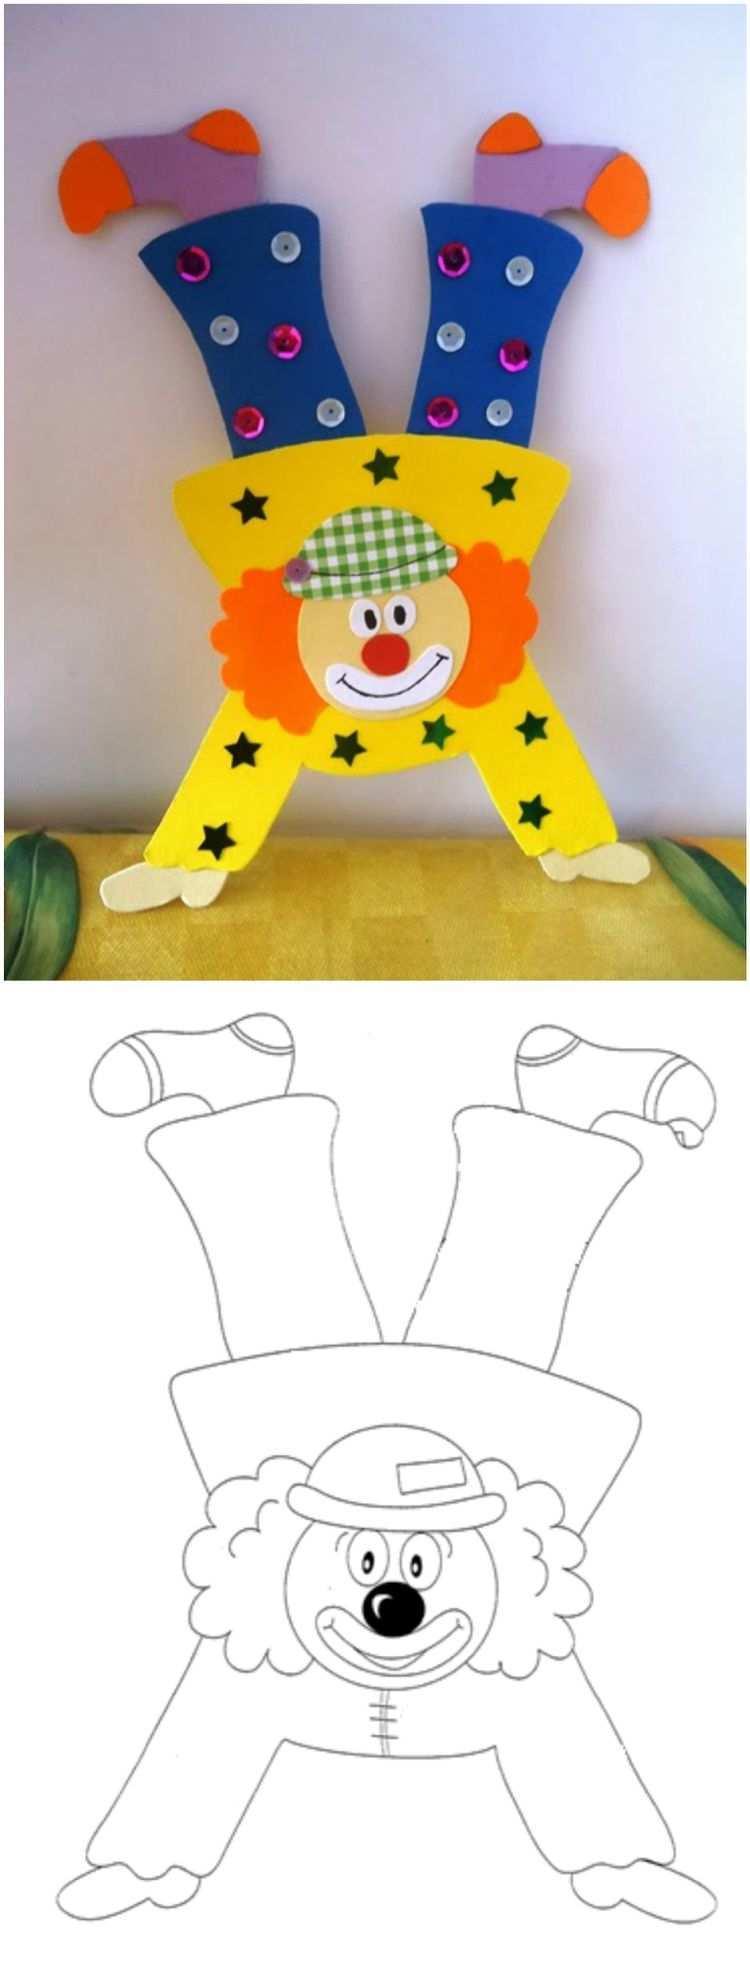 Tonpapier Clown Basteln Vorlage Auf Handen Laufen Clown Basteln Vorlage Clown Basteln Fasching Basteln